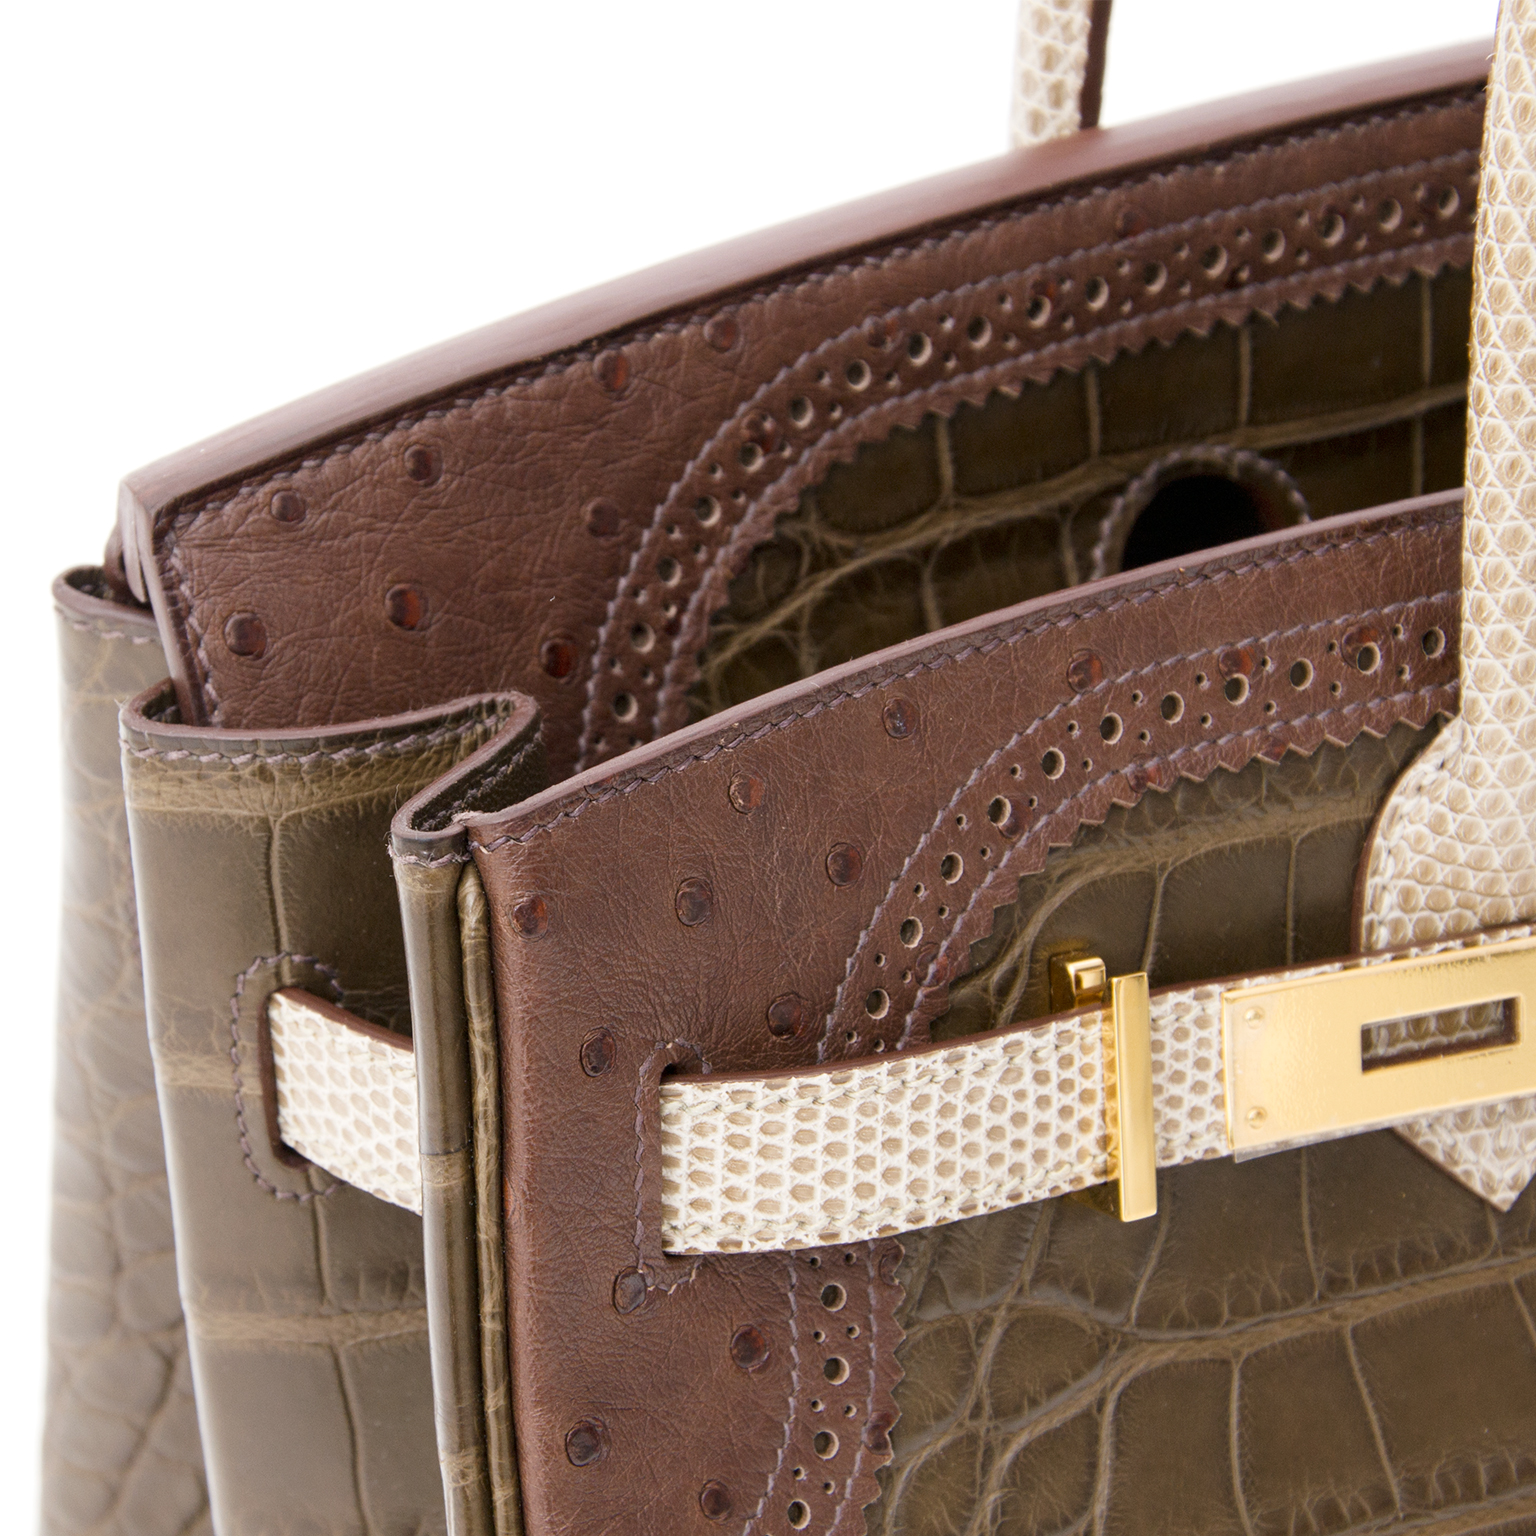 Koop deze prachtige Birkin bag bij Labellov, een online platform voor vintage prelovedluxe handtassen. Hermès Birkin 35  'Grand Marriage Ghillies' Gris Elephant Alligator, Marron Fonce Ostrich, And Ficelle Lizard